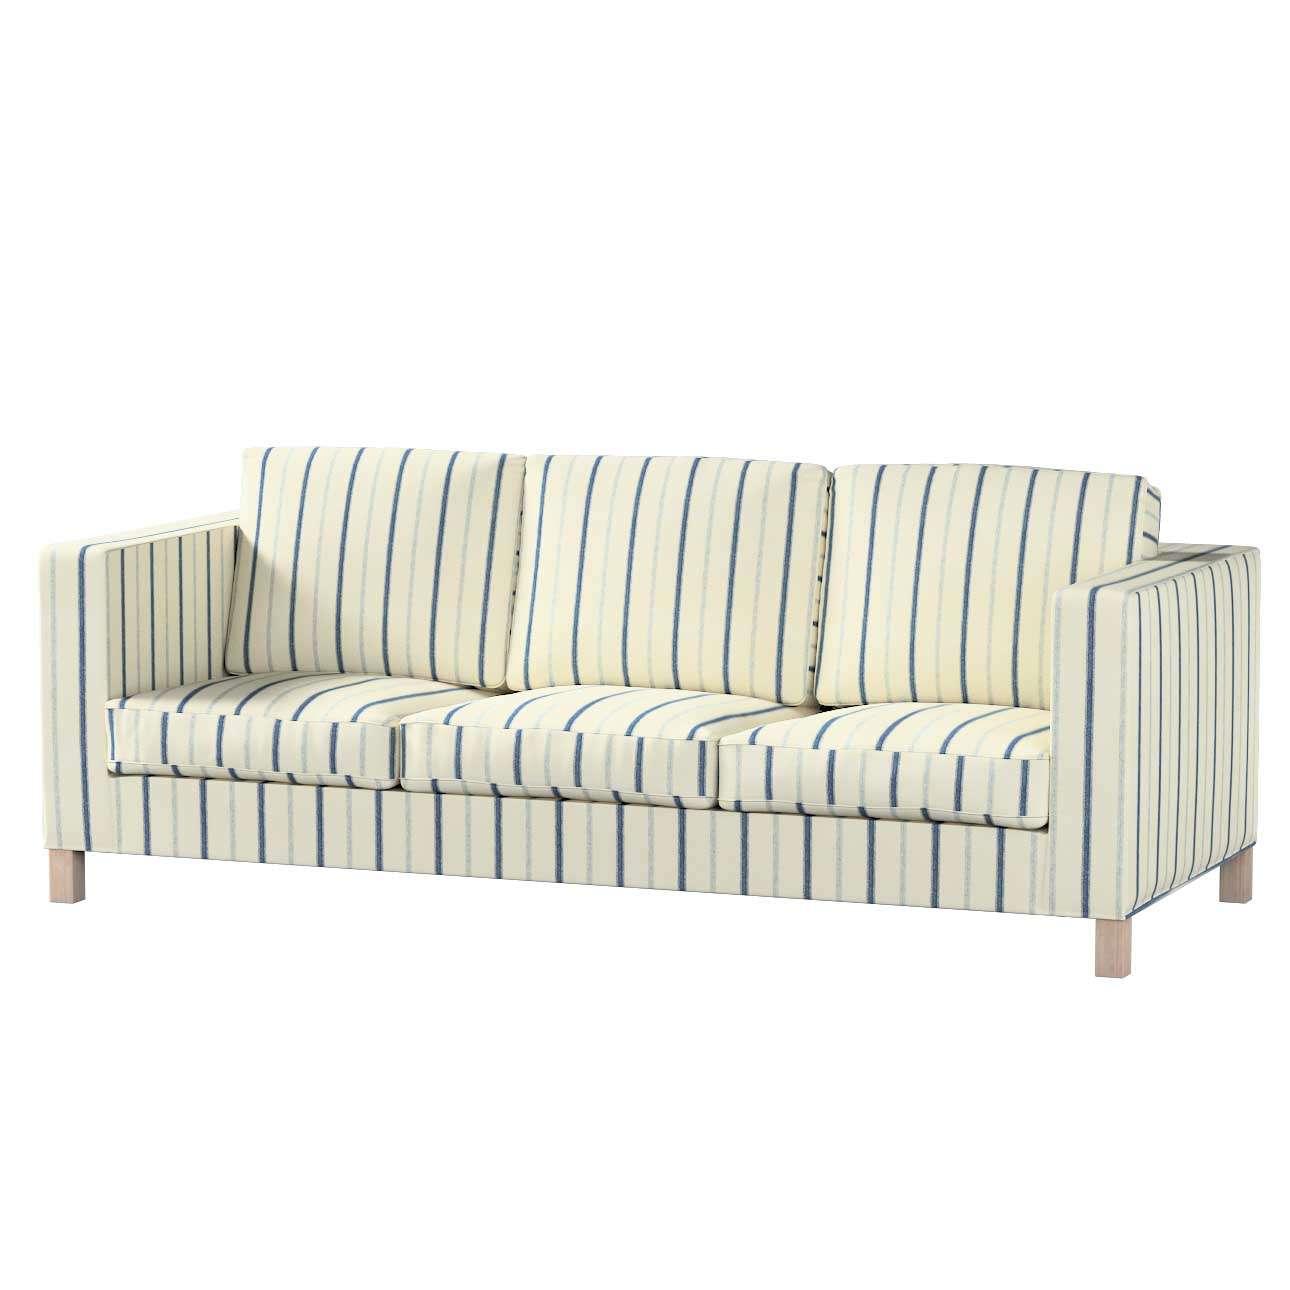 Karlanda 3-Sitzer Sofabezug nicht ausklappbar kurz von der Kollektion Avinon, Stoff: 129-66